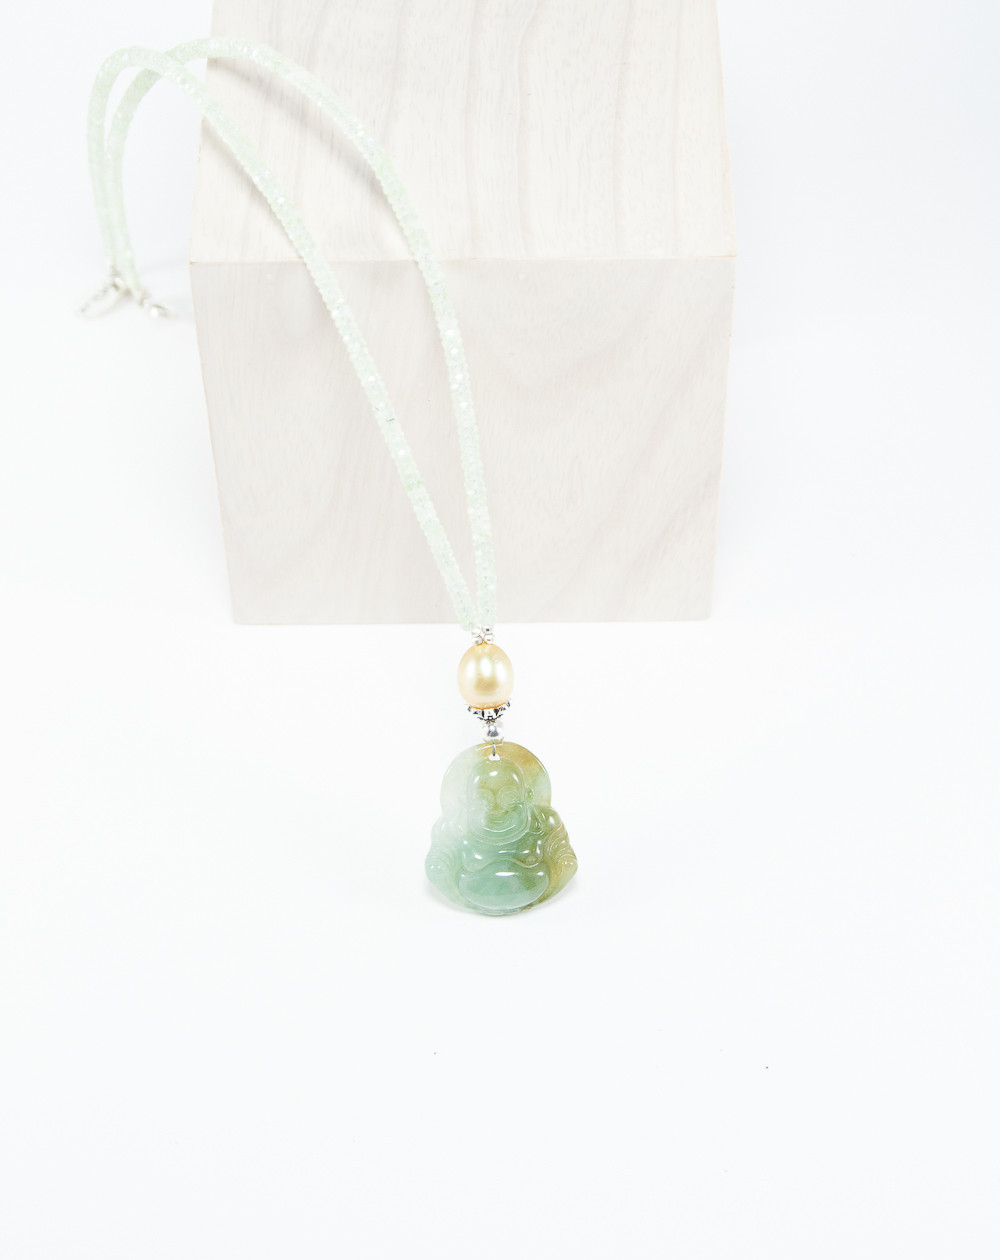 Collier en Préhnite, Perle de Tahiti, Bouddha en Jade. Créateurs Français, Sanuk Création